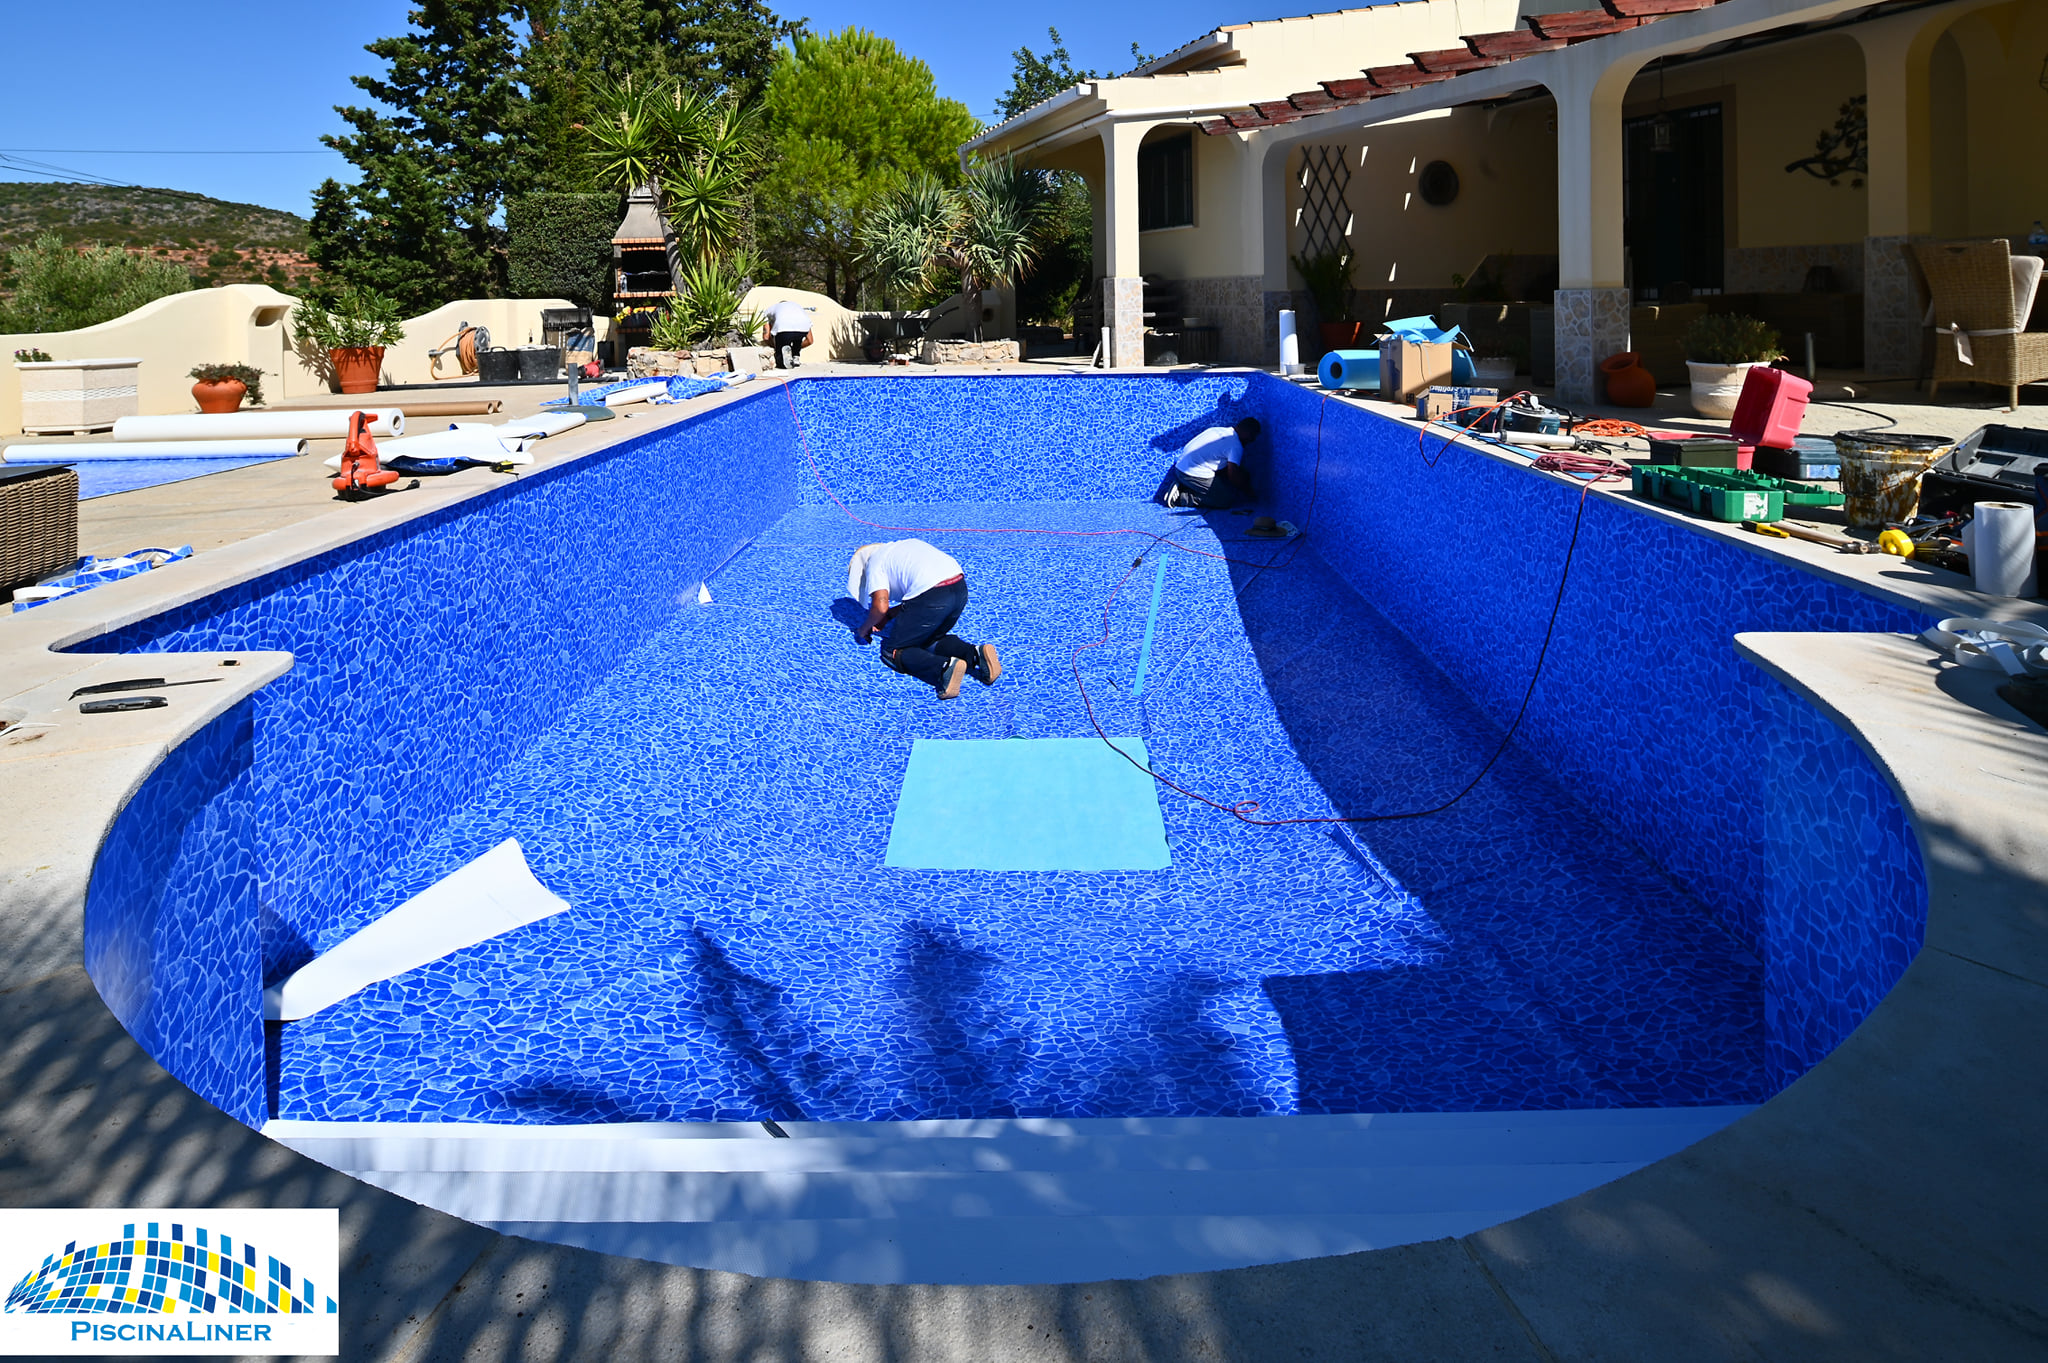 Renolit Portugal swimming pool liners